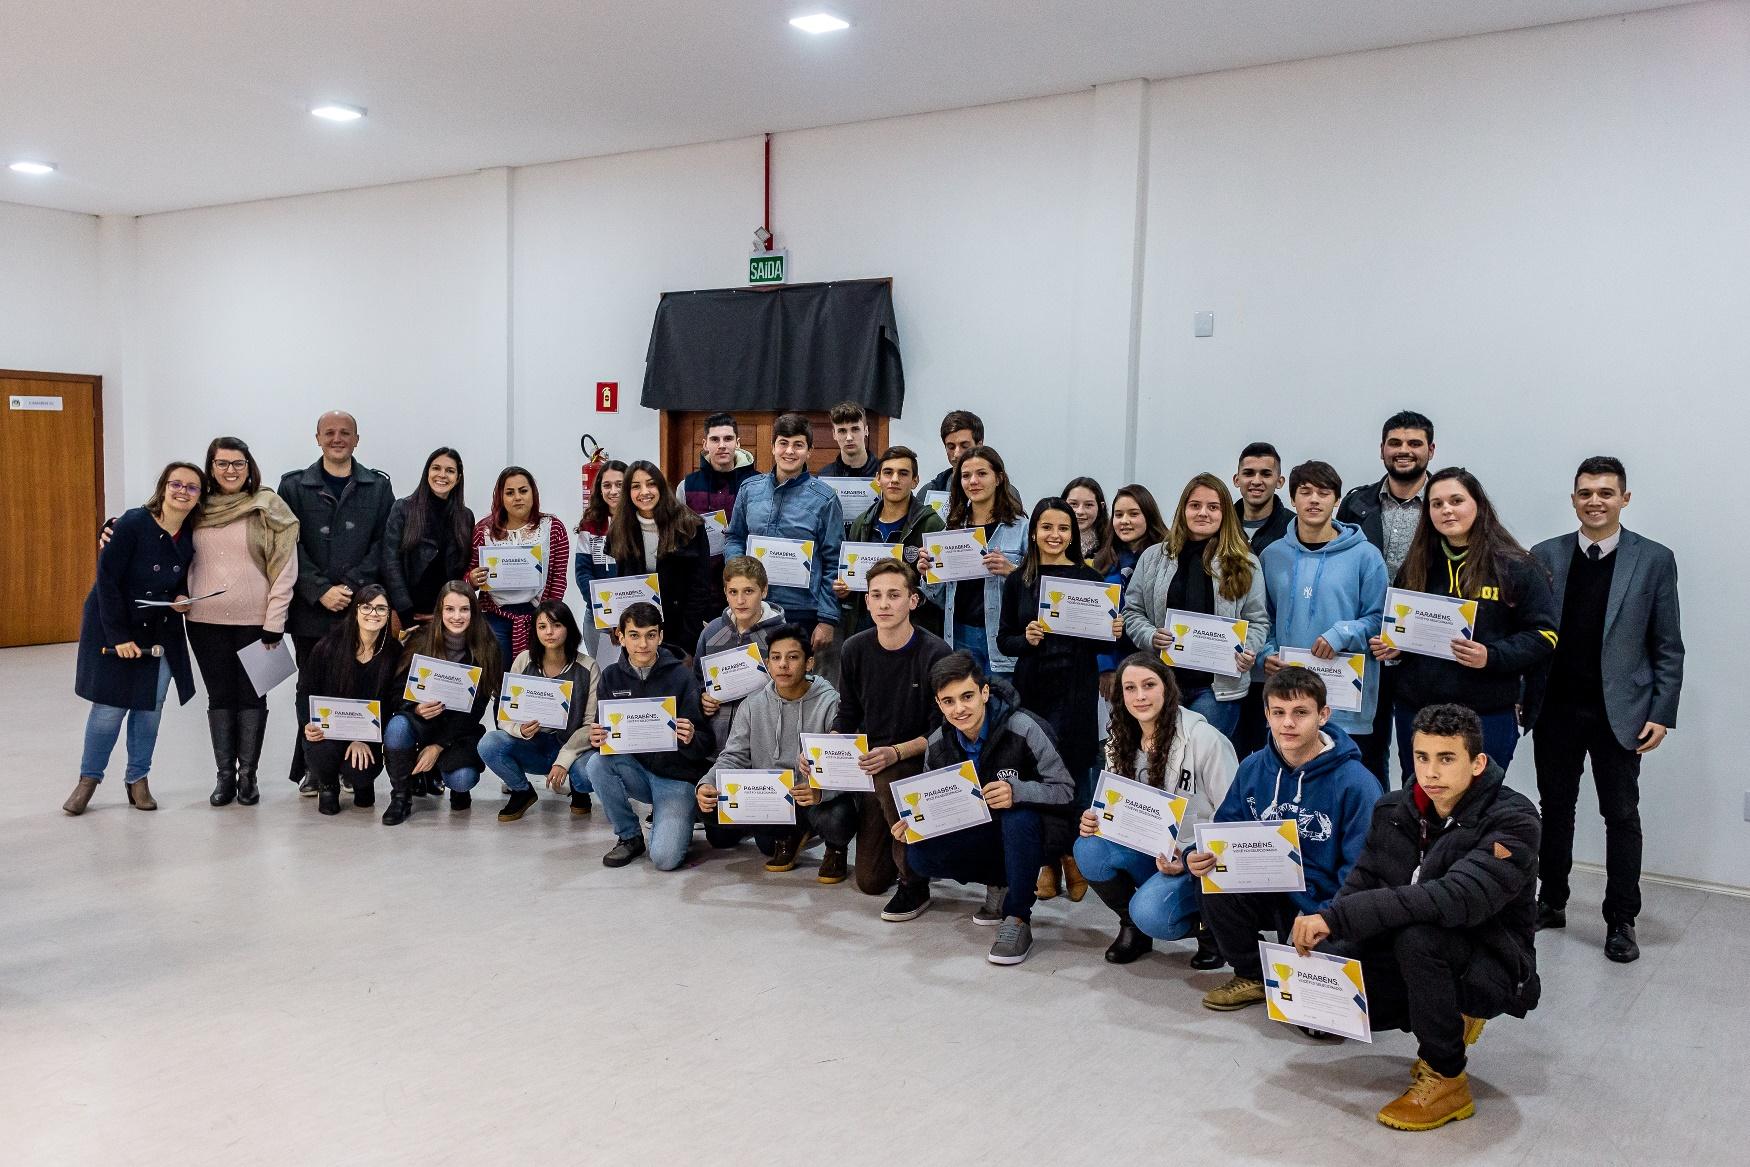 SOCIALIZAÇÃO: Instituto Desenvolver realiza palestra gratuita sobre empreendedorismo